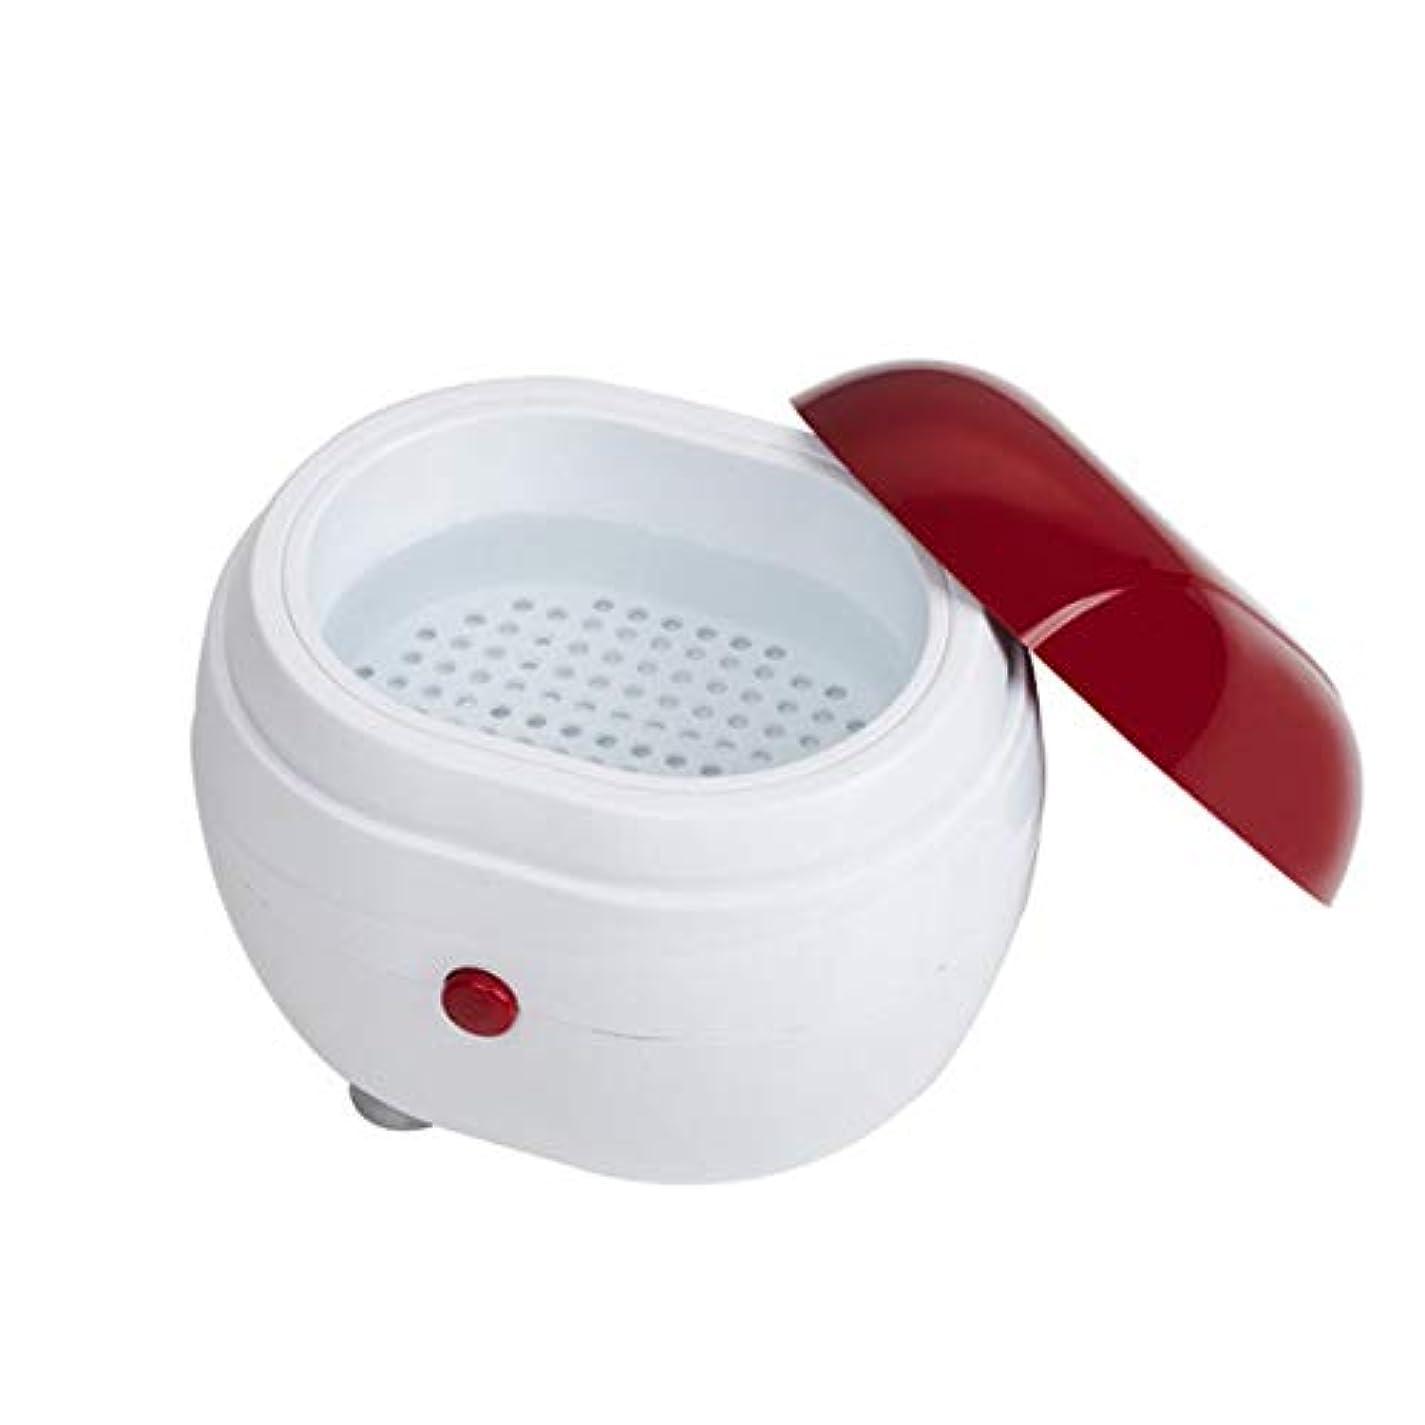 相談する埋める指定するMolySun 歯用ツール 歯清潔 ポータブル超音波洗浄機家庭用ジュエリーレンズ時計入れ歯洗浄機洗濯機クリーナークリーニングボックス 赤と白